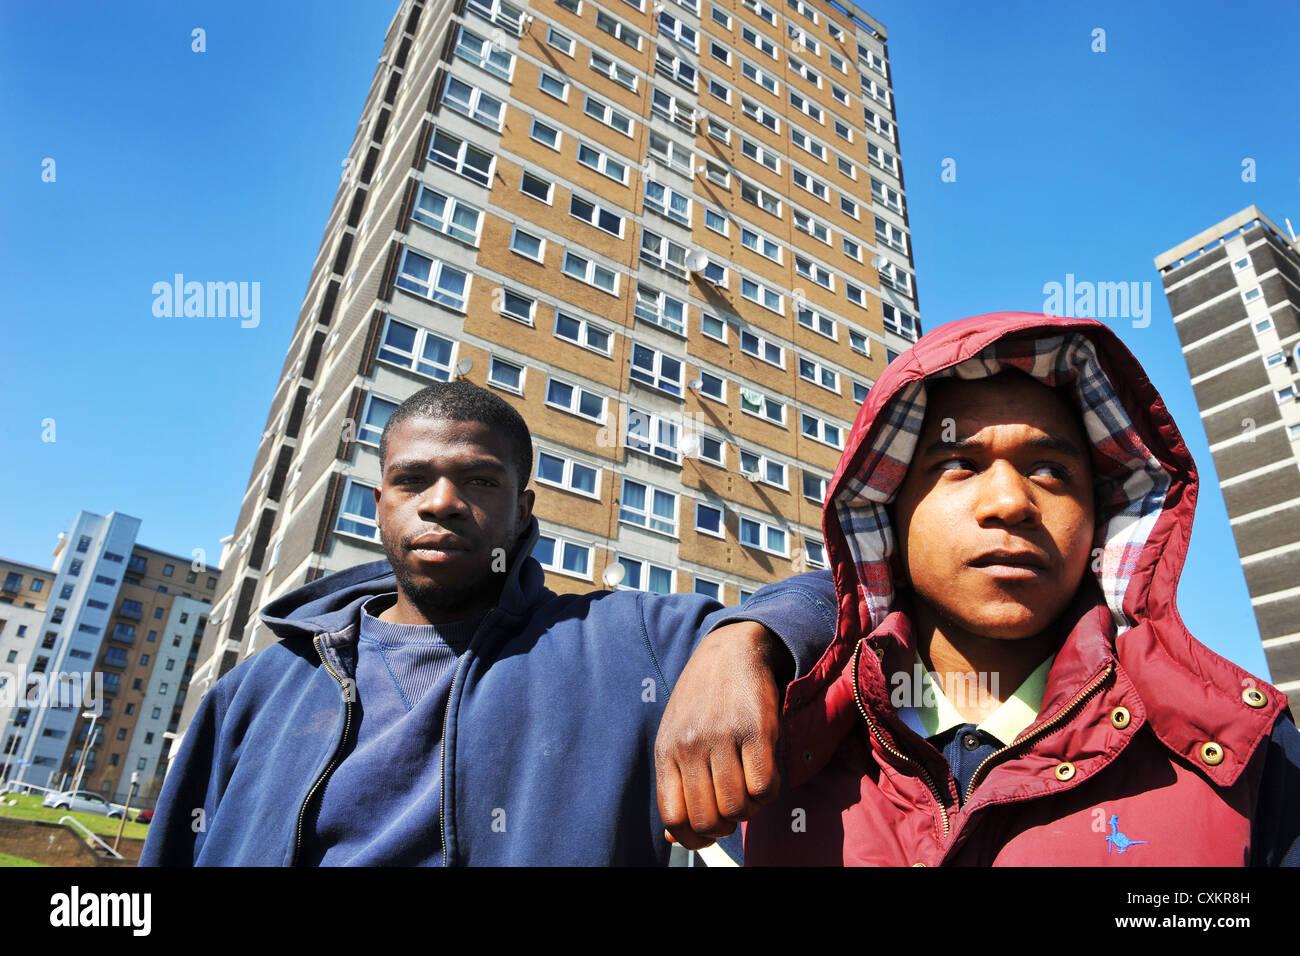 Les jeunes Les jeunes chômeurs Leeds UK Banque D'Images